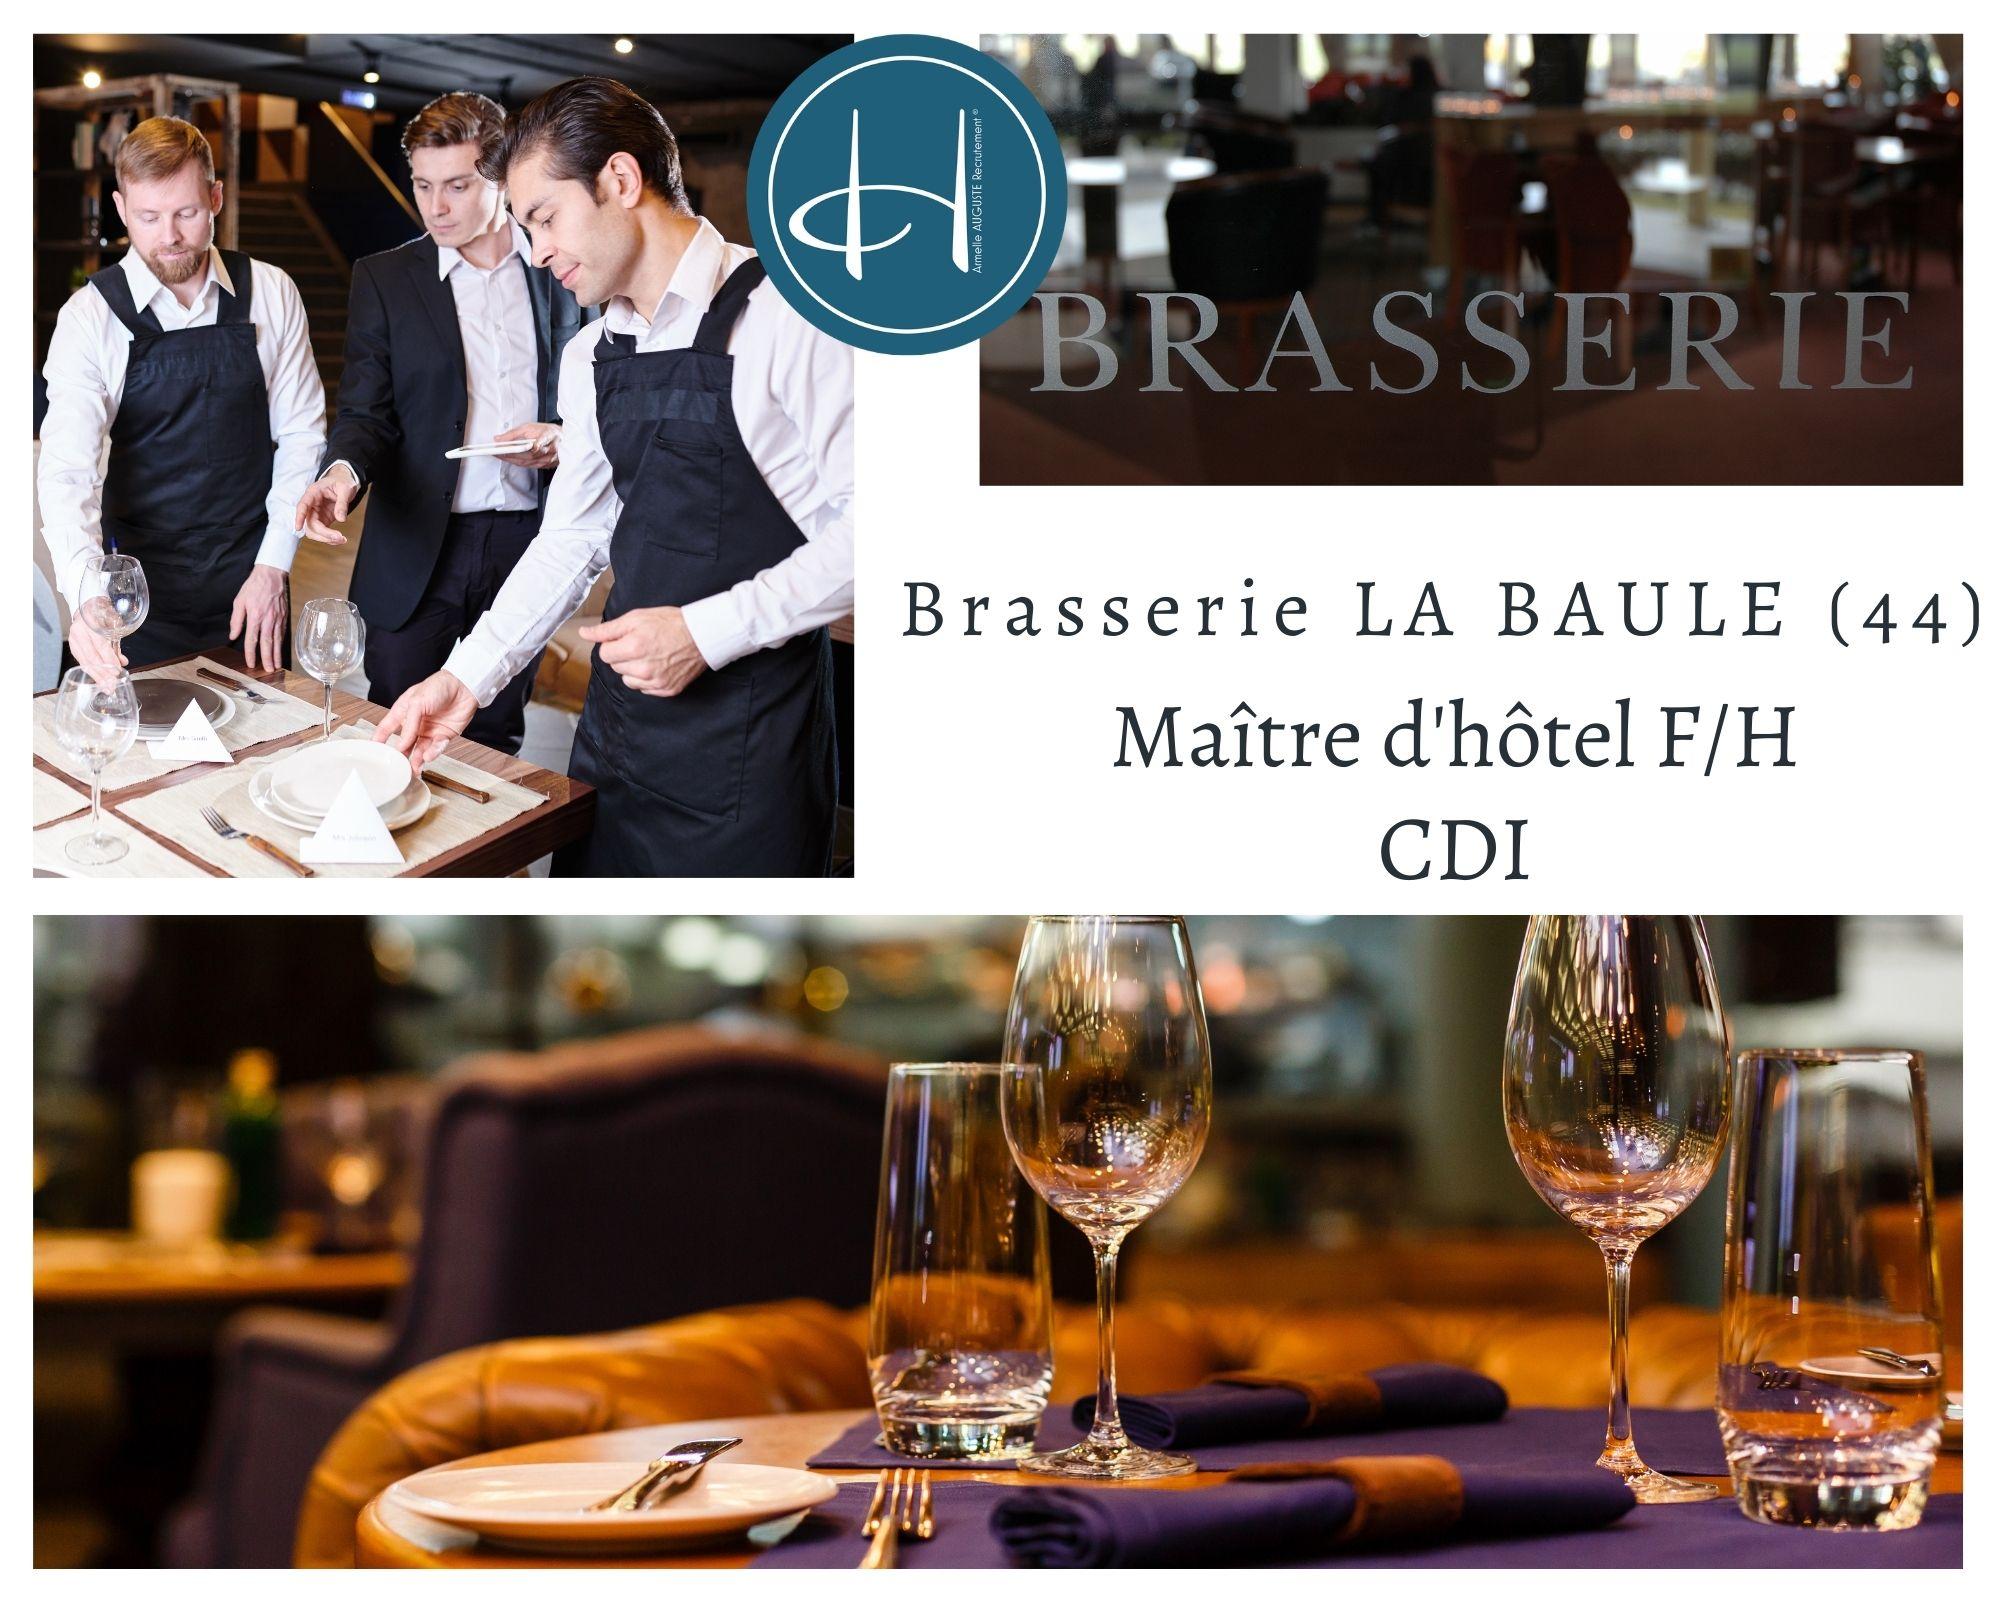 Recrutement: Maître d'hôtel Brasserie F/H chez Armelle AUGUSTE Recrutement® à La Baule-Escoublac